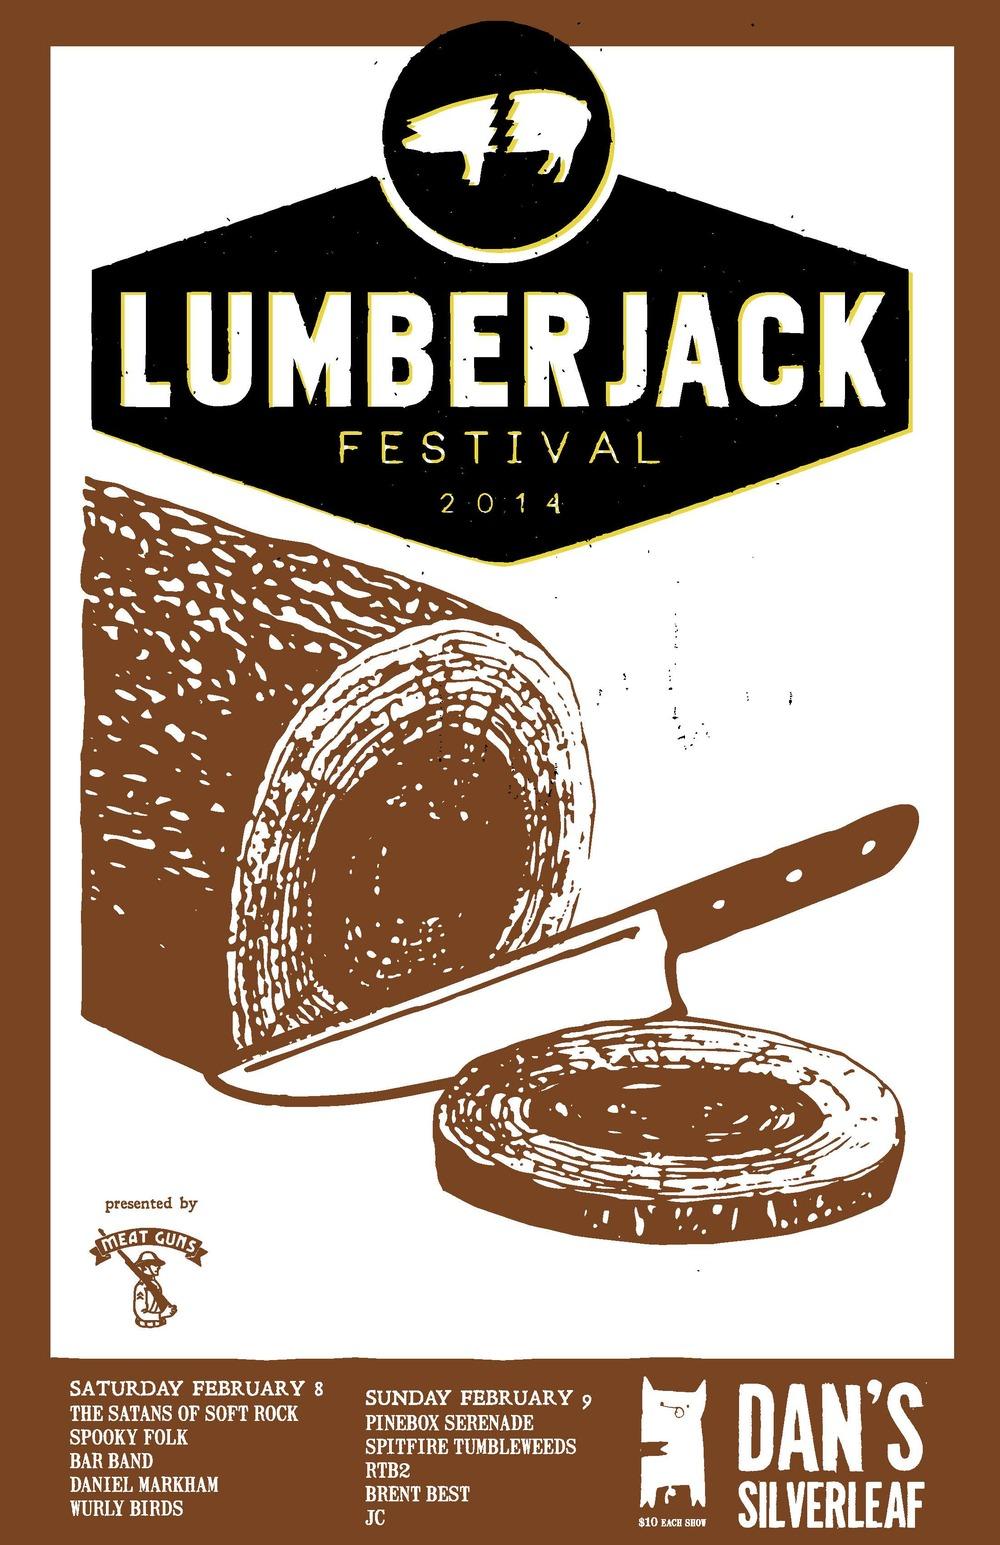 lumberjack.jpg